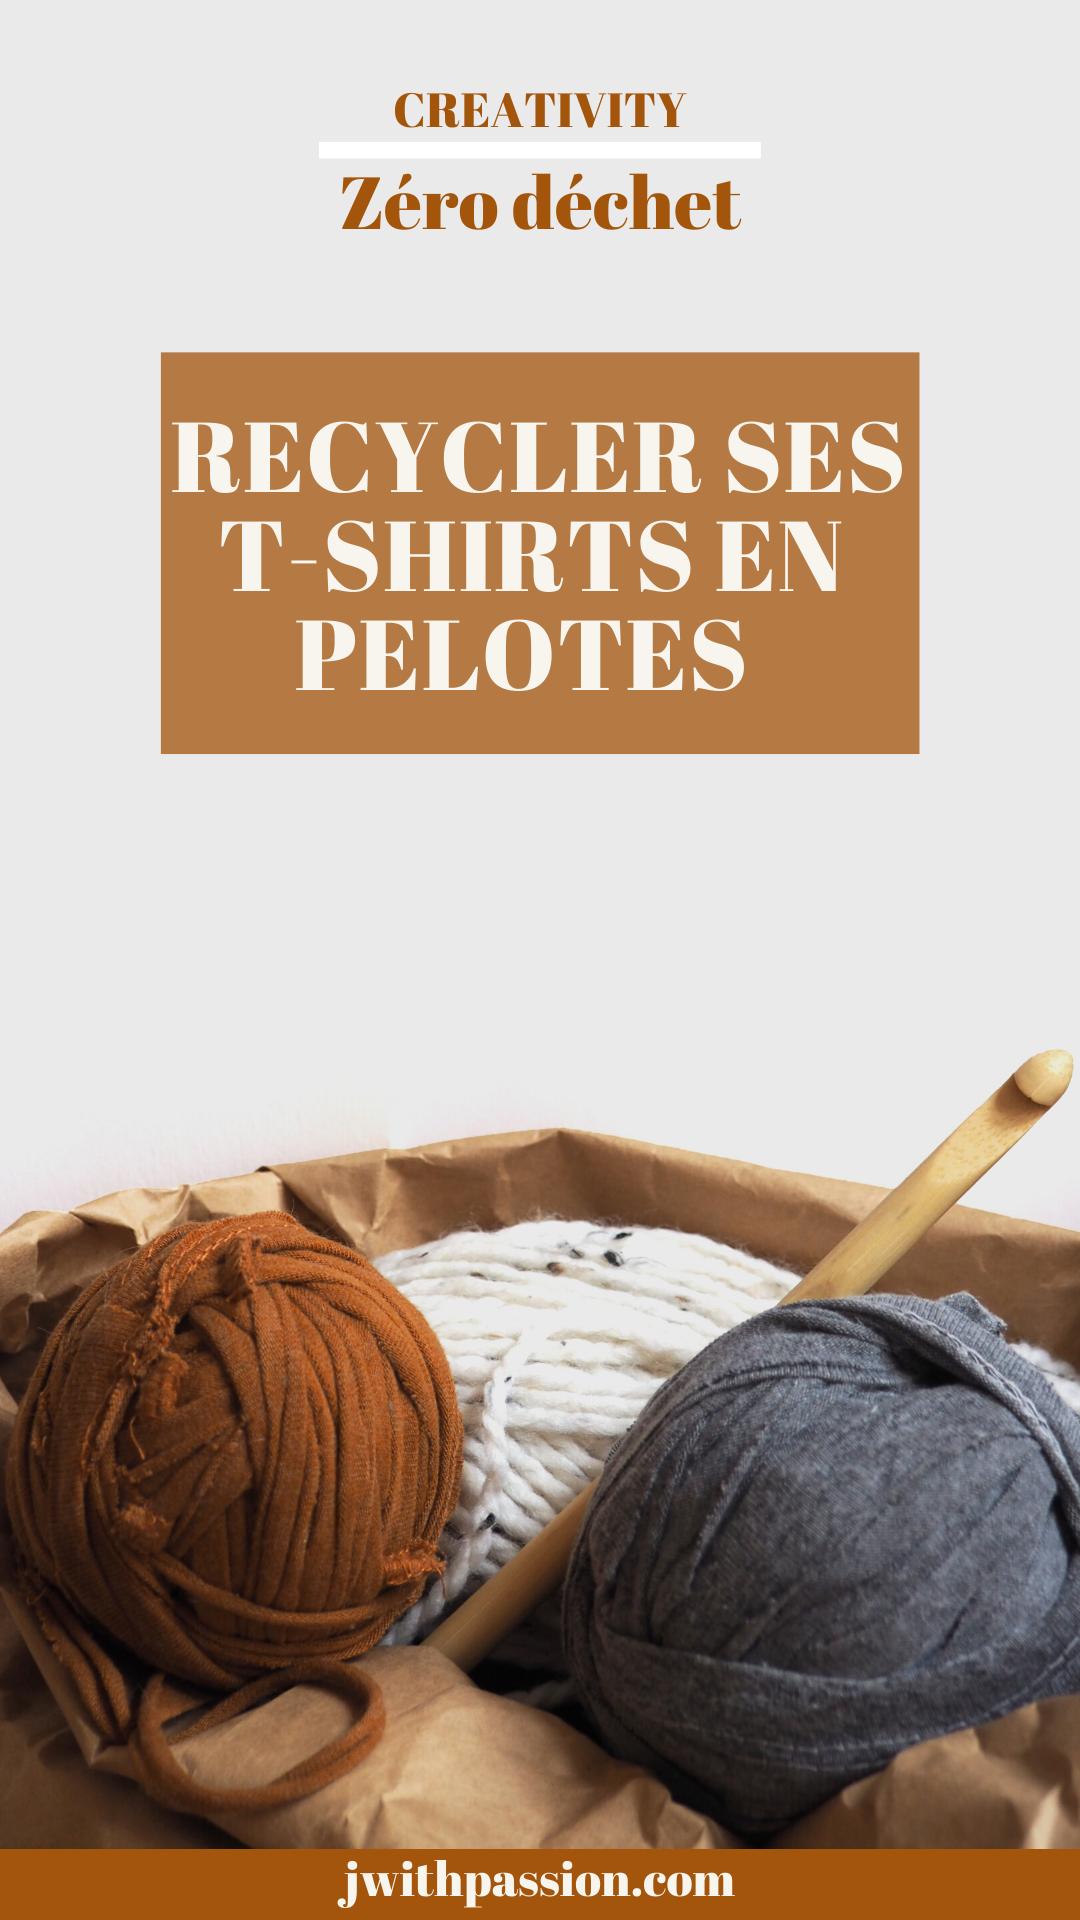 Comment recycler ses t-shirts en pelotes ?